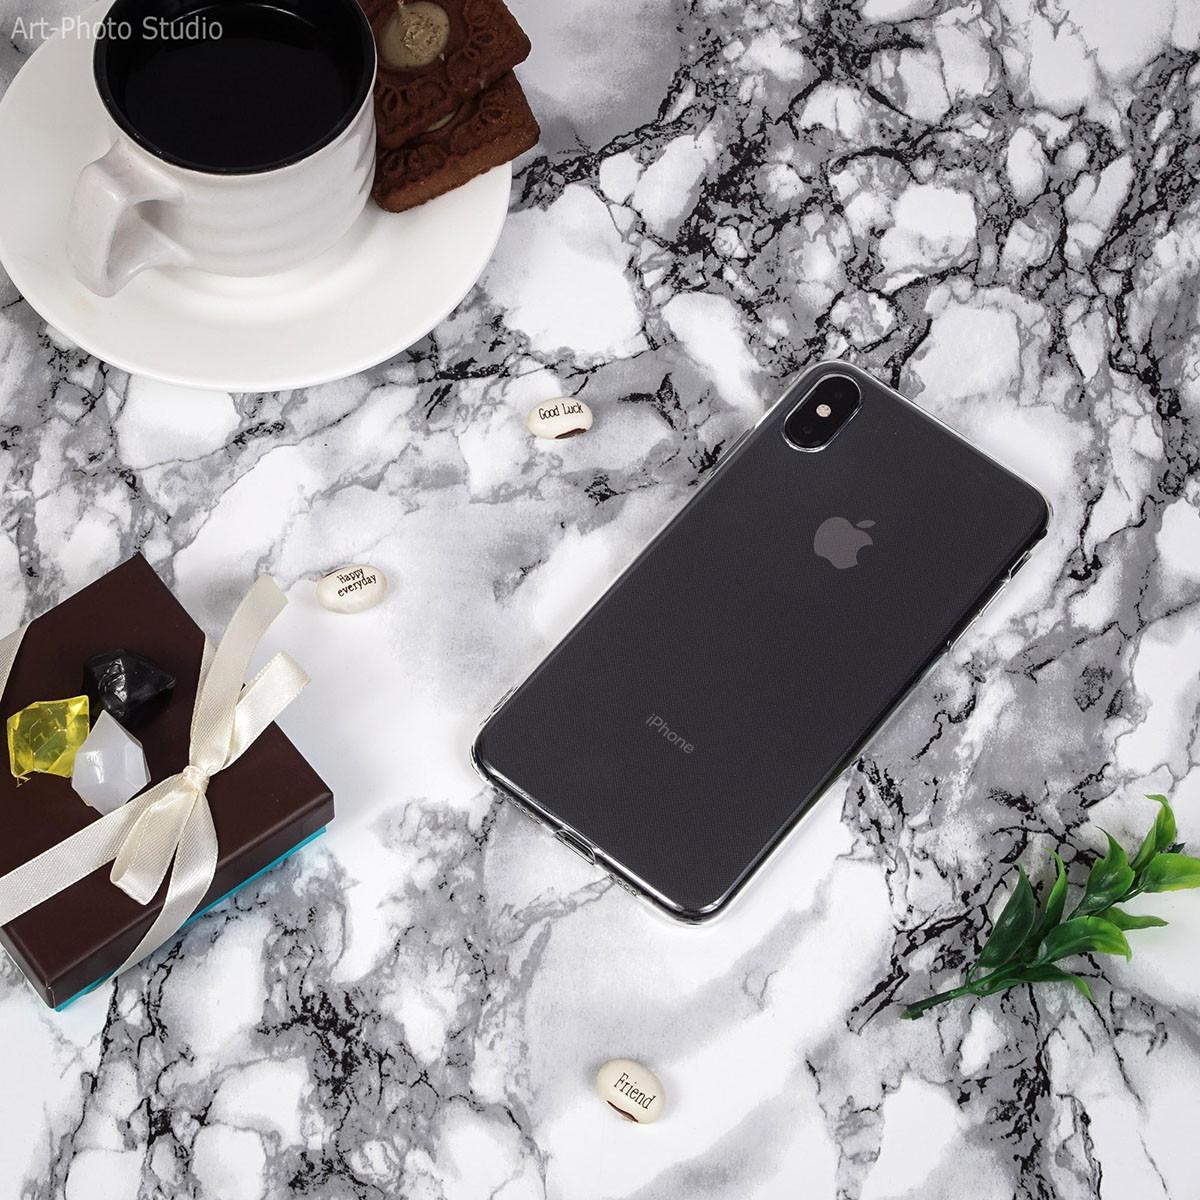 фото чехла (бампера) на телефон для каталога в Amazon - предметная съемка в Харькове